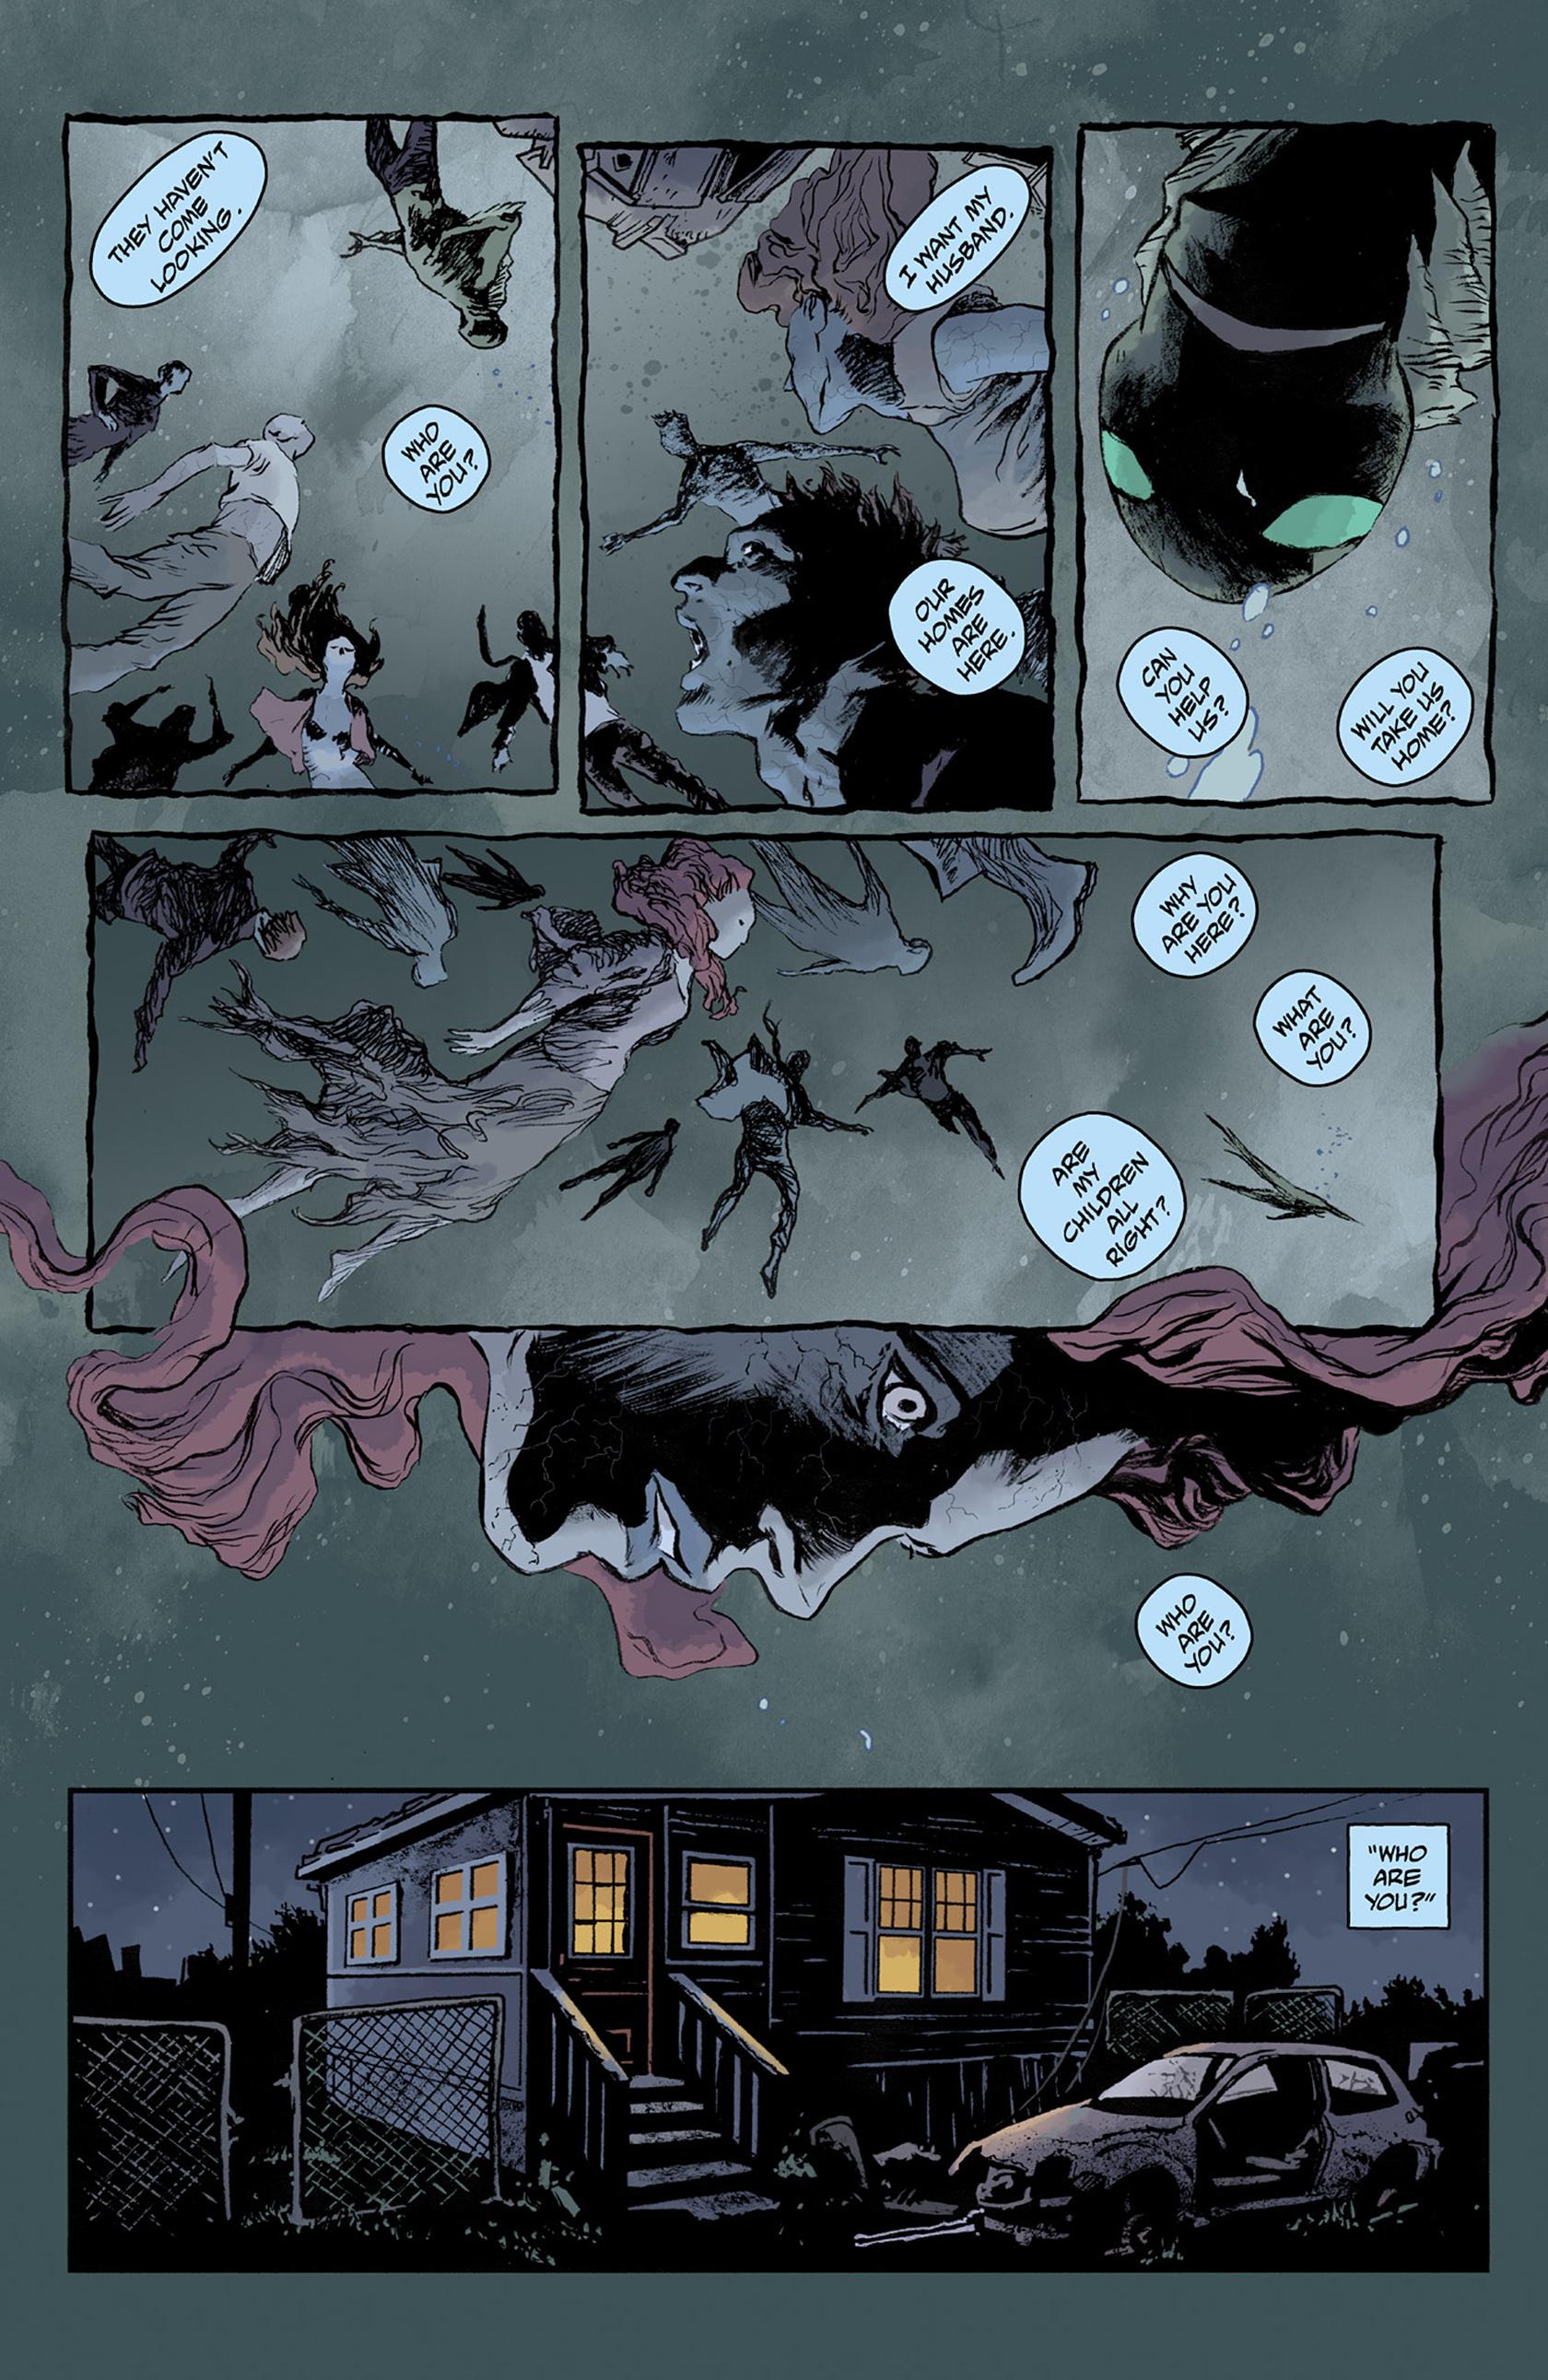 Read online Abe Sapien comic -  Issue #24 - 22